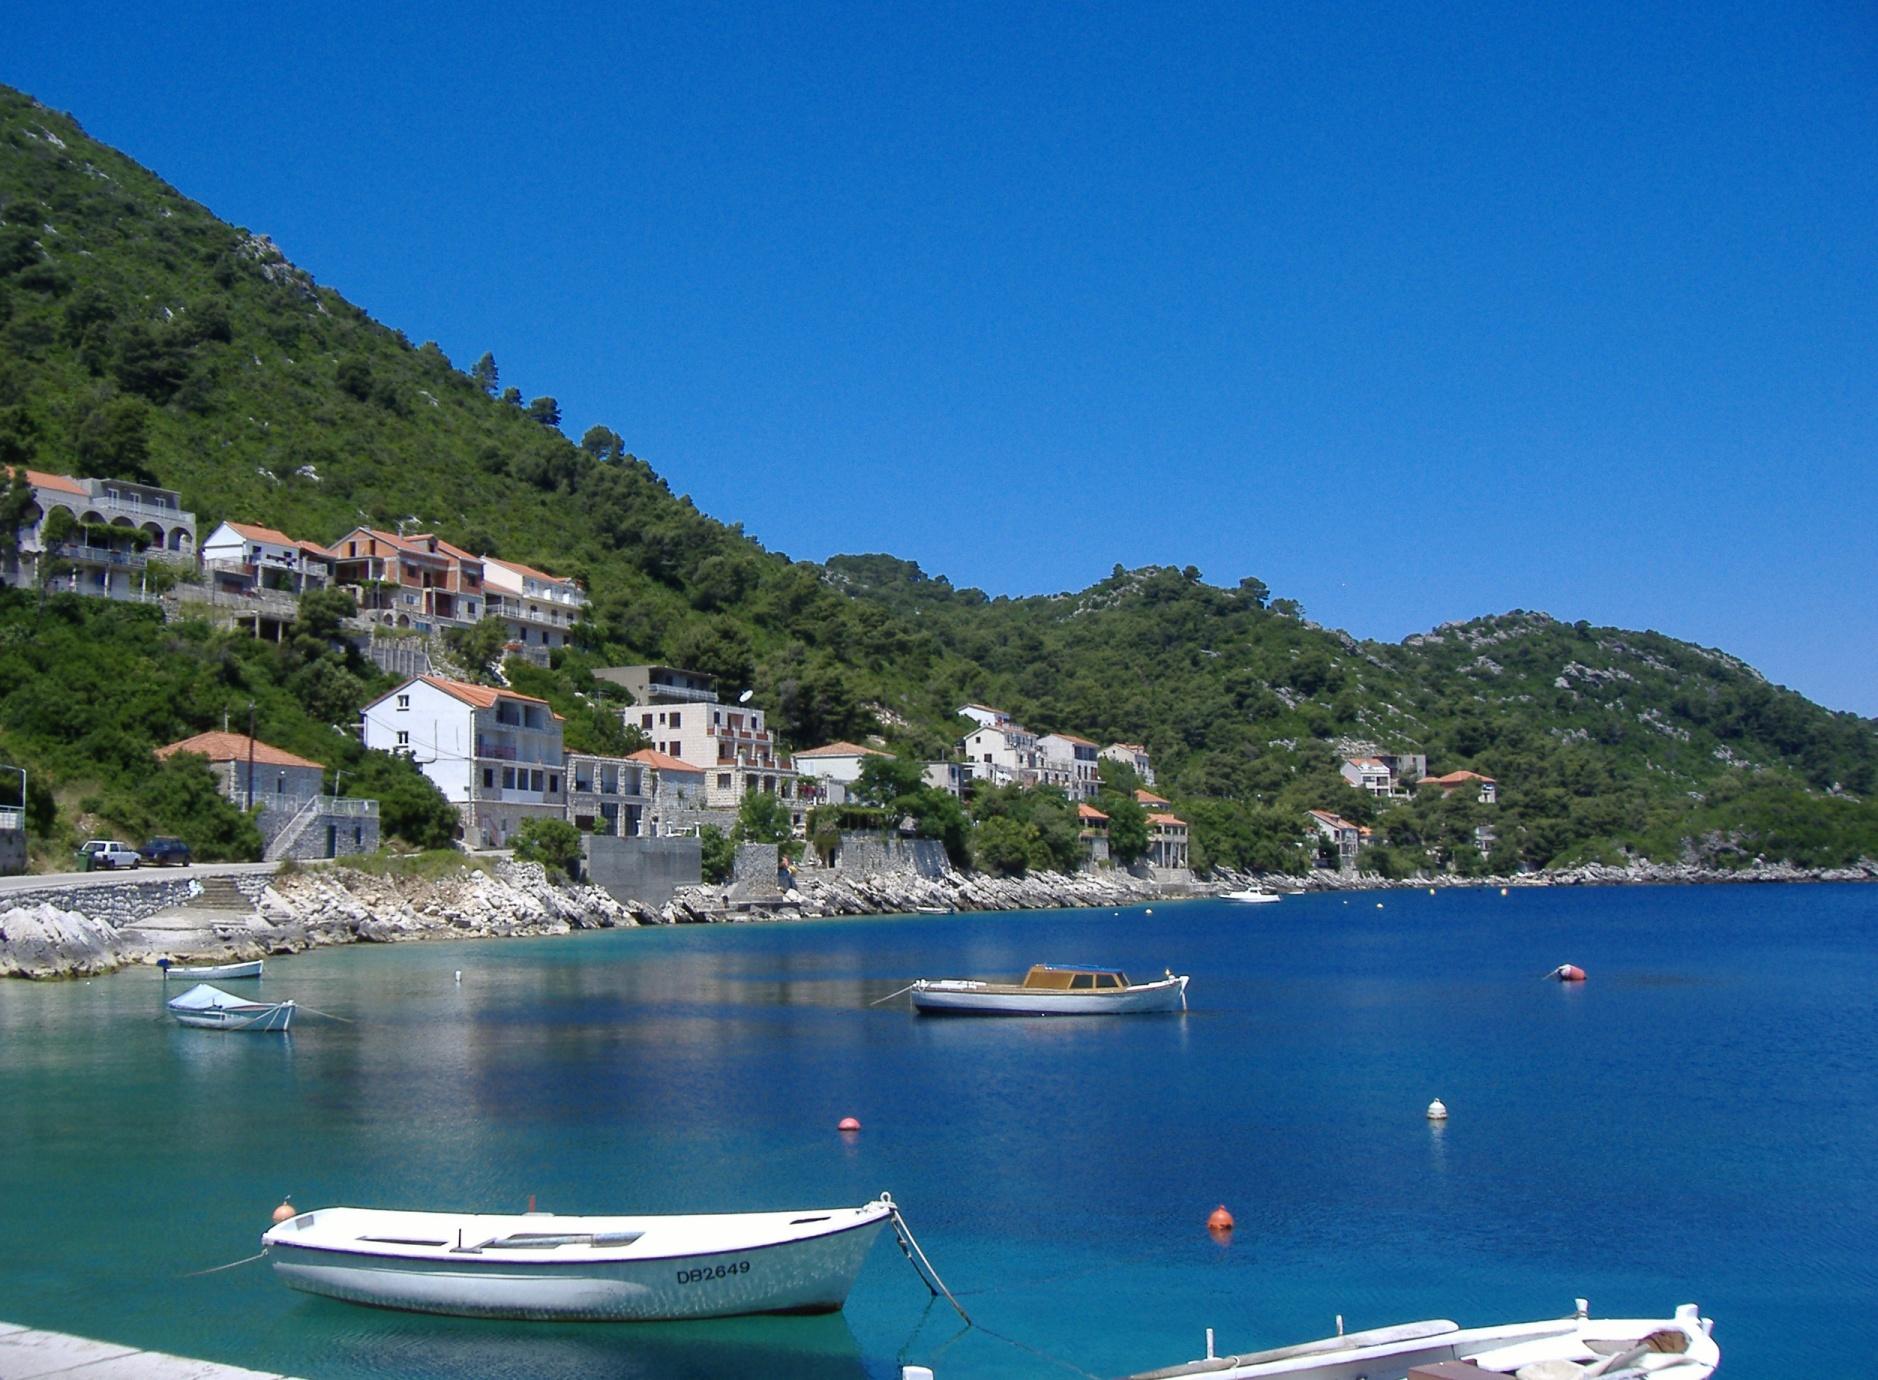 Noleggio Barche Sobra – Isola di Mljet - Navalia | Noleggia un Sogno